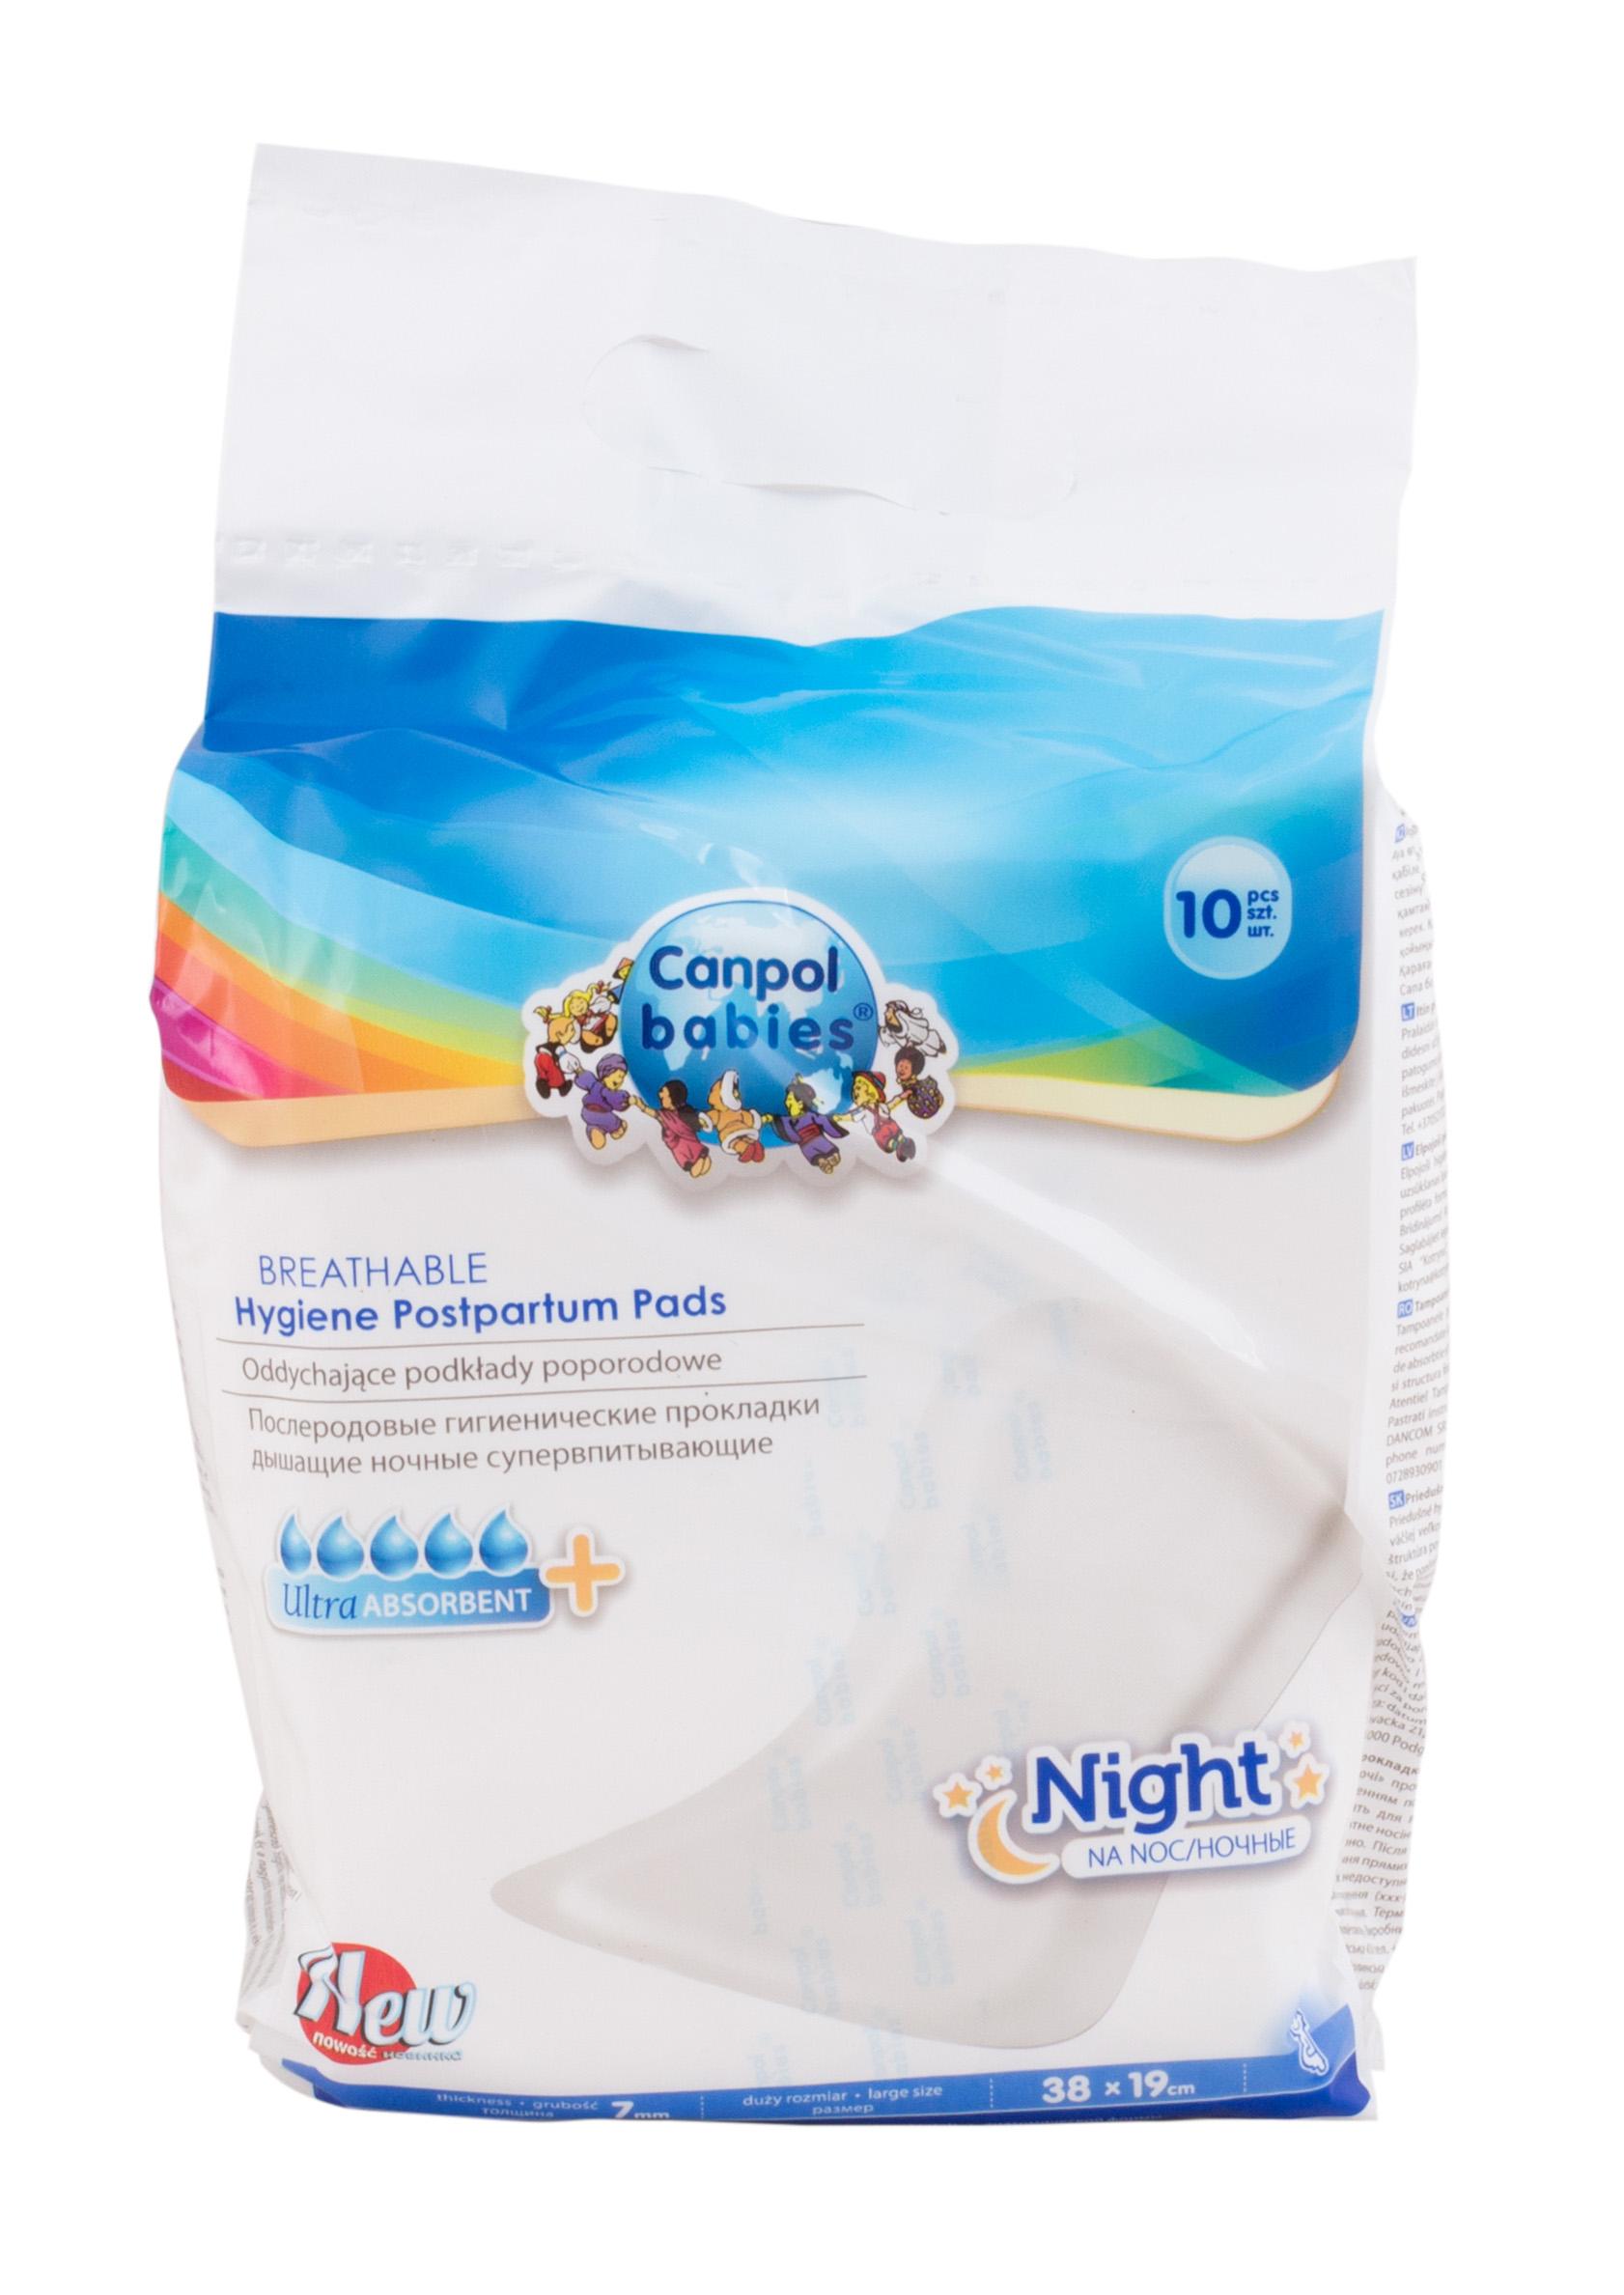 Канпол прокладки послеродовые ночные n10 (240622002)